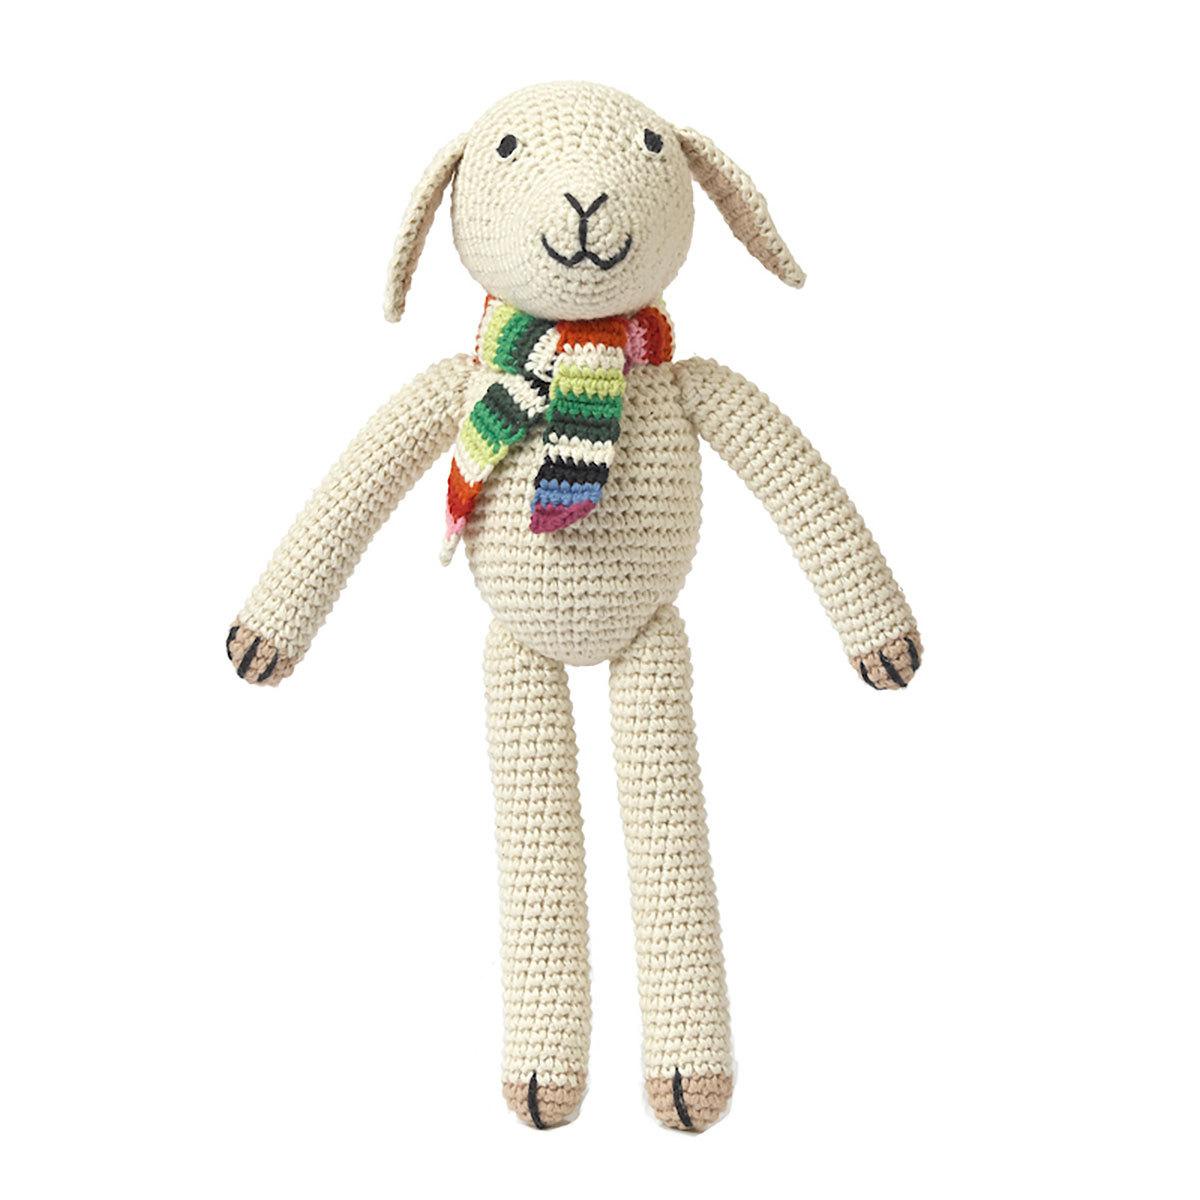 Peluche Peluche Mouton en Crochet 28 cm Peluche Mouton en Crochet 28 cm